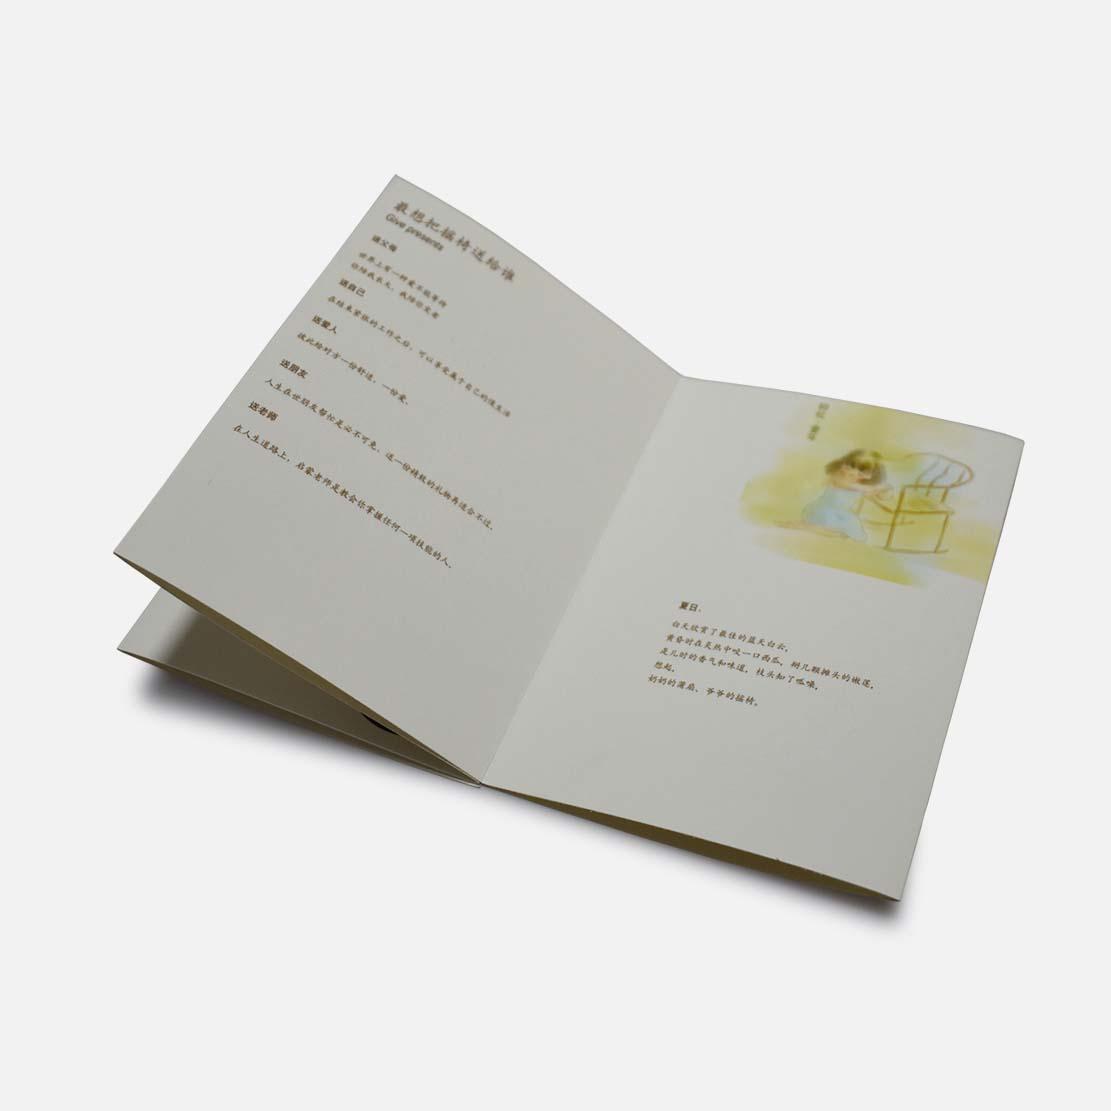 Картинках для, открытки печать брошюр